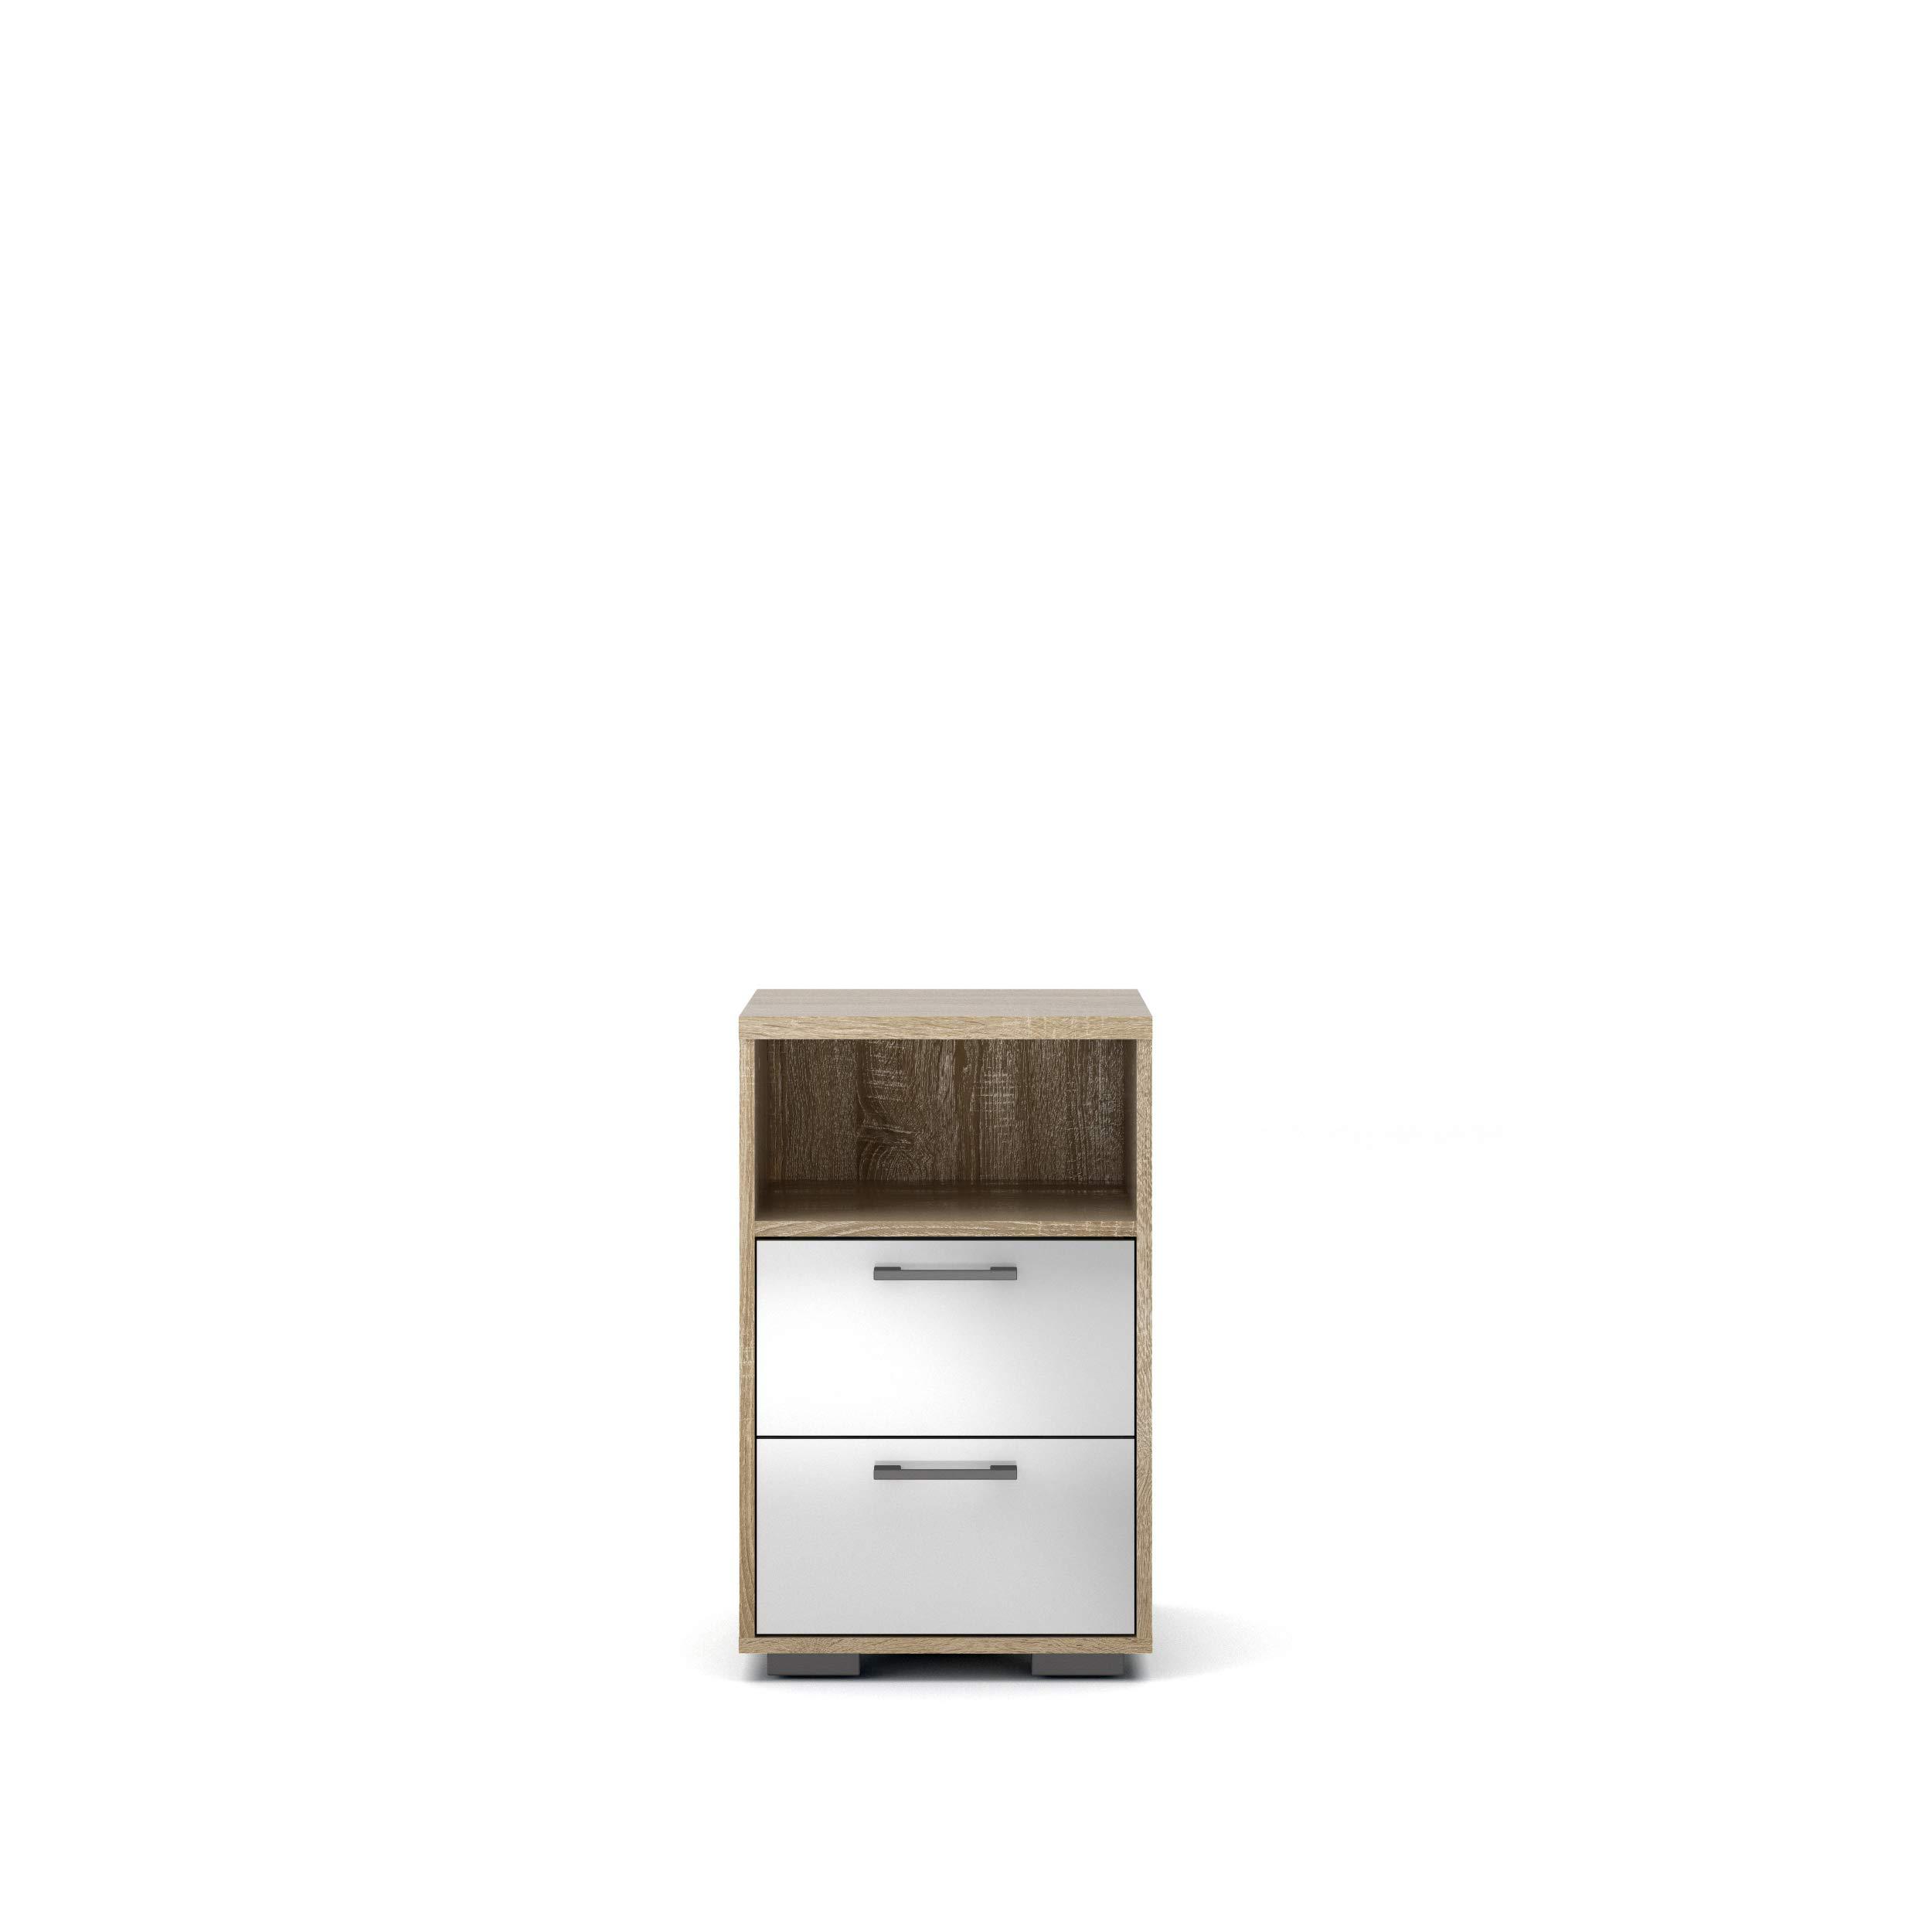 Unica Composad Comodino Due cassetti Camera Elegante Frassino Laccato Bianco CT2221 L45h44p40 Metallo 399